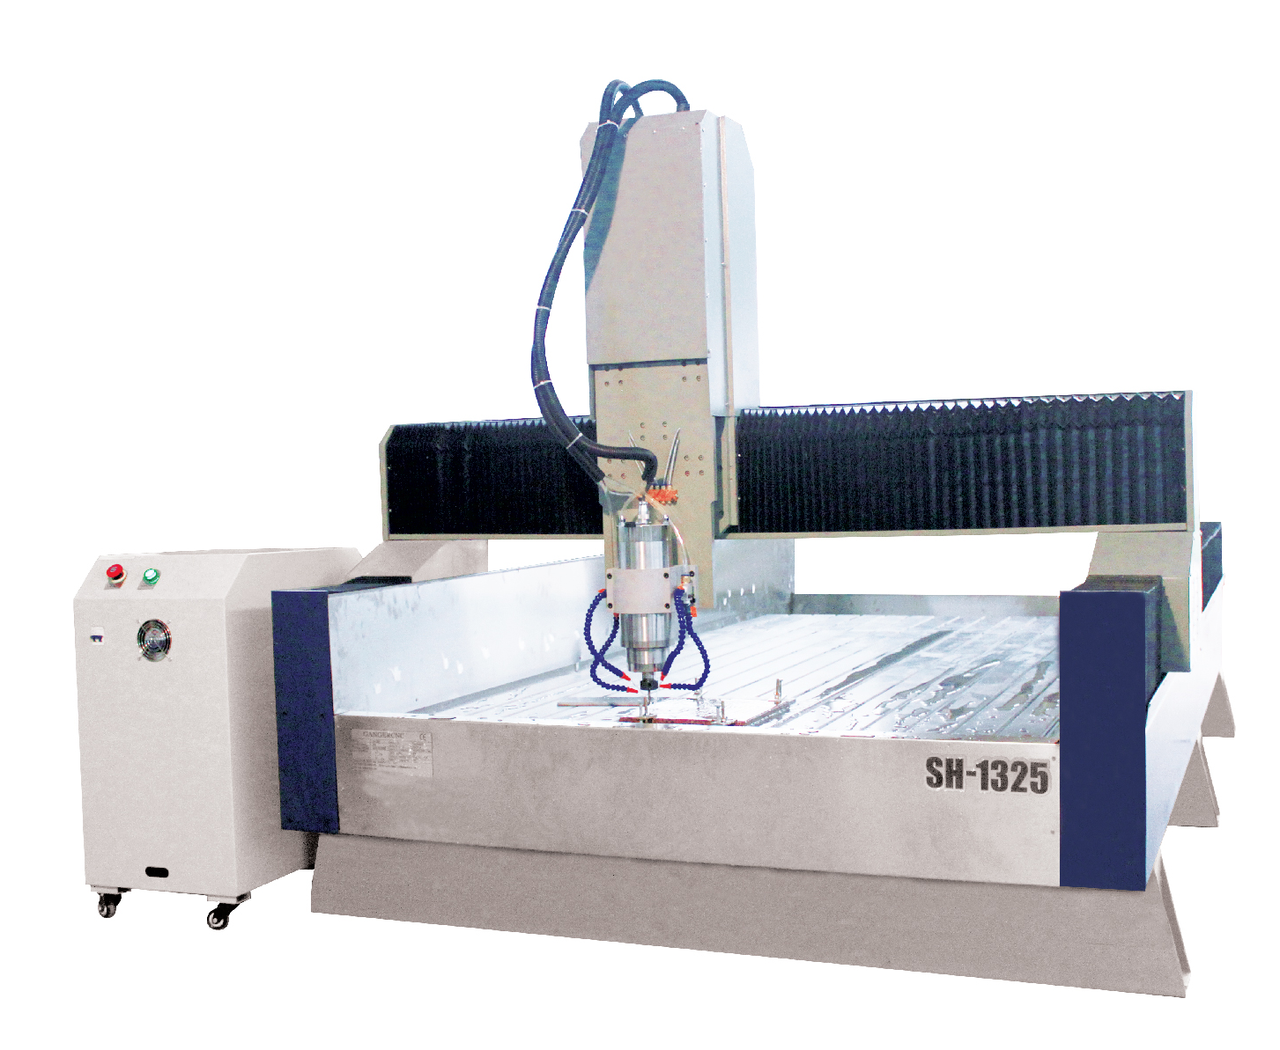 Камнеобрабатывающий фрезерно-гравировальный станок с ЧПУ 1300*2500*300мм - фото 1